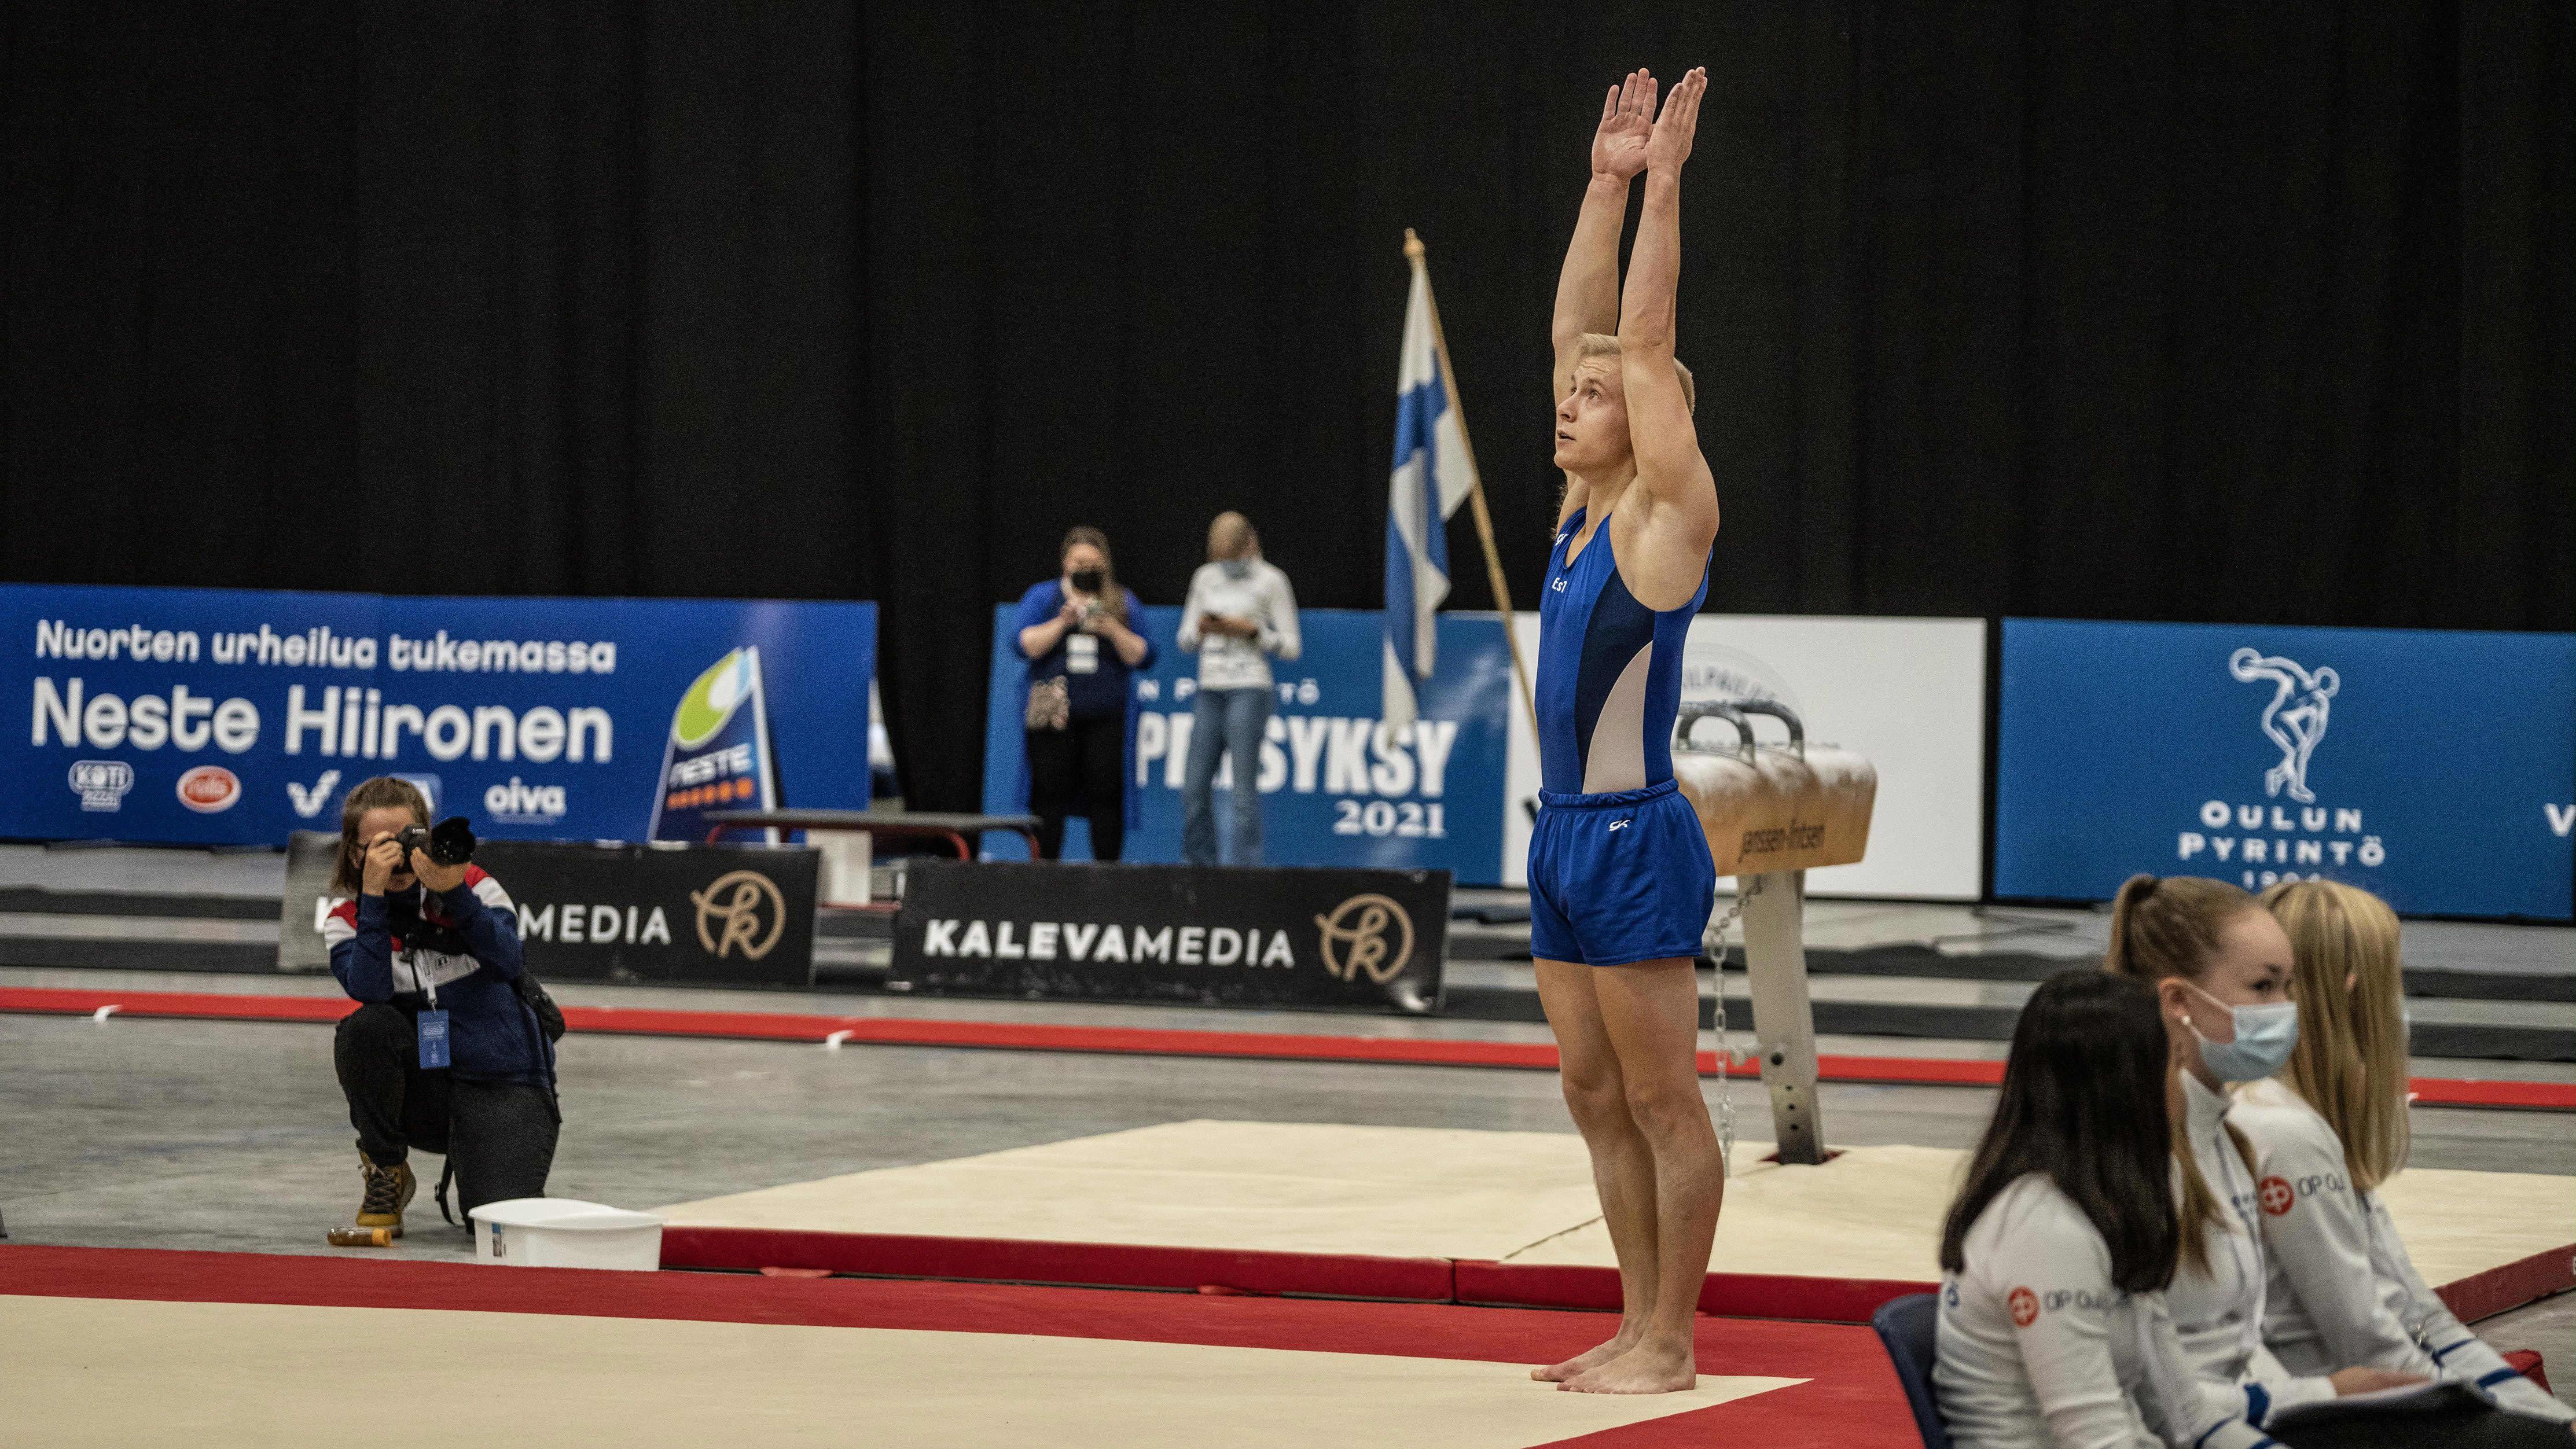 Emil Soravuo miesten permannon finaalissa telinevoimistelun SM-kilpailuiden telinefinaaleissa Oulussa 19. syyskuuta 2021.